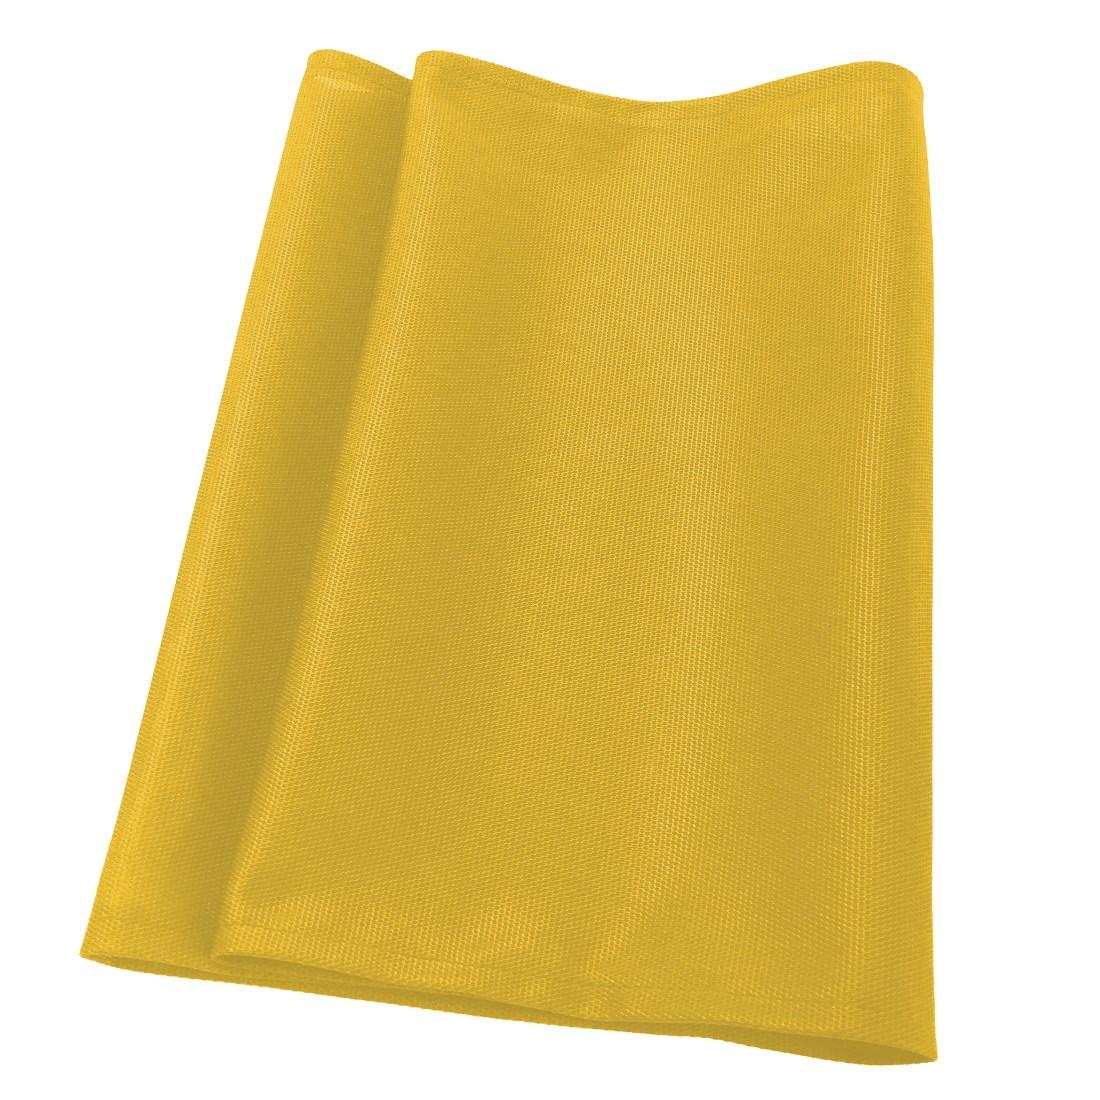 Pokrowiec dekoracyjny do oczyszczaczy powietrza IDEAL AP 30 / 40 PRO - żółty